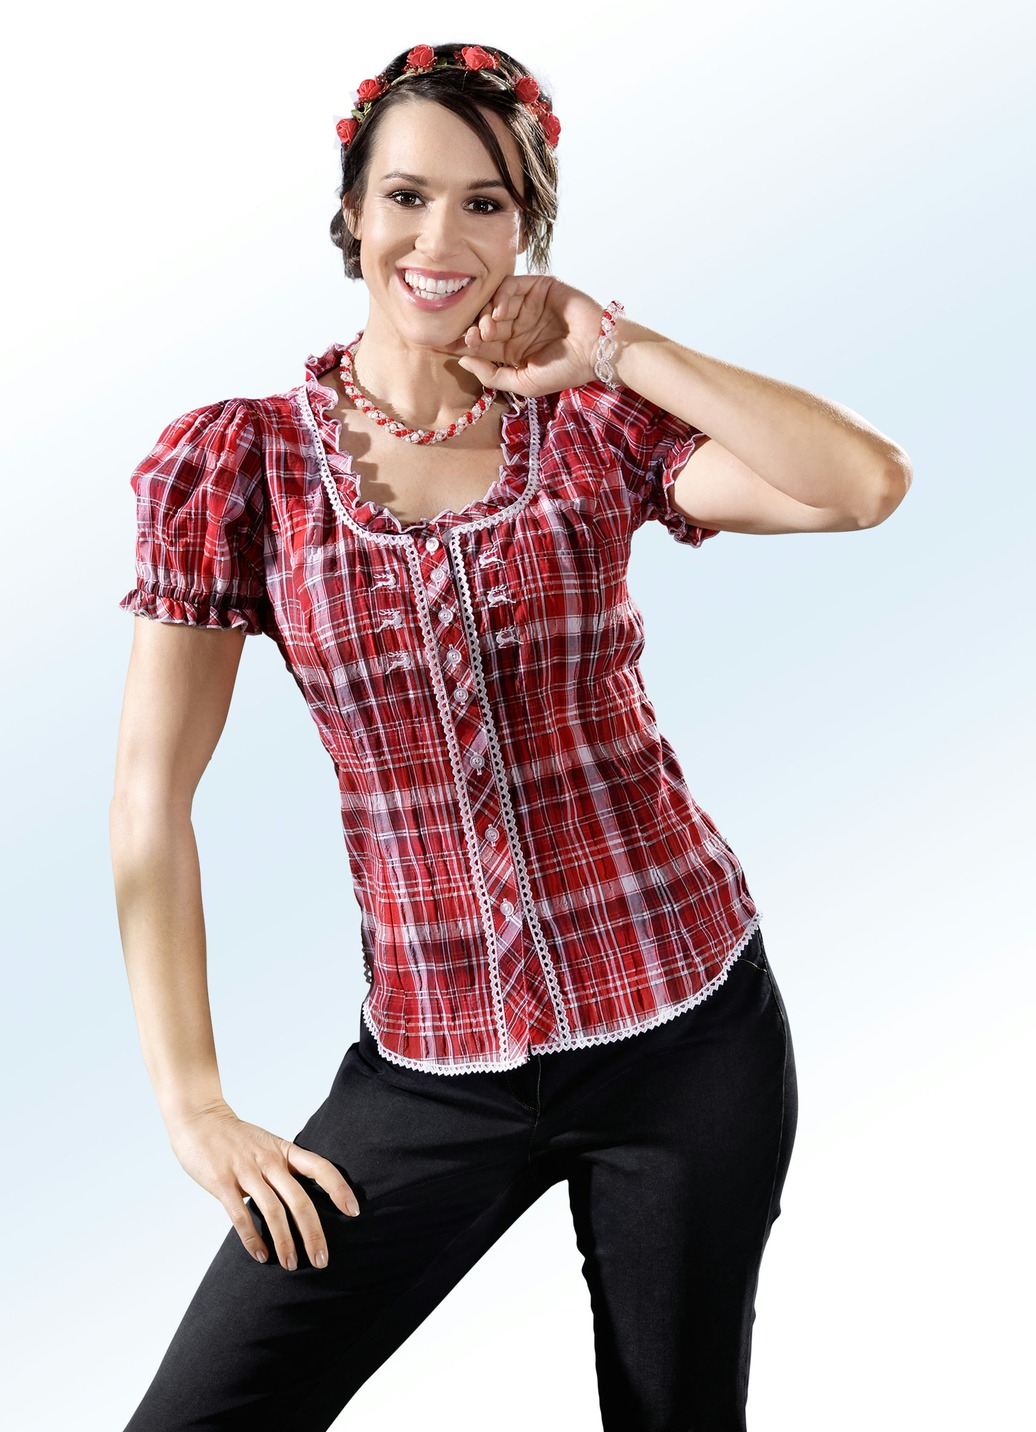 OS TRACHTEN Bluse mit dekorativer Rüschenzier Rot-Weiss Größe 46 Damen Preisvergleich